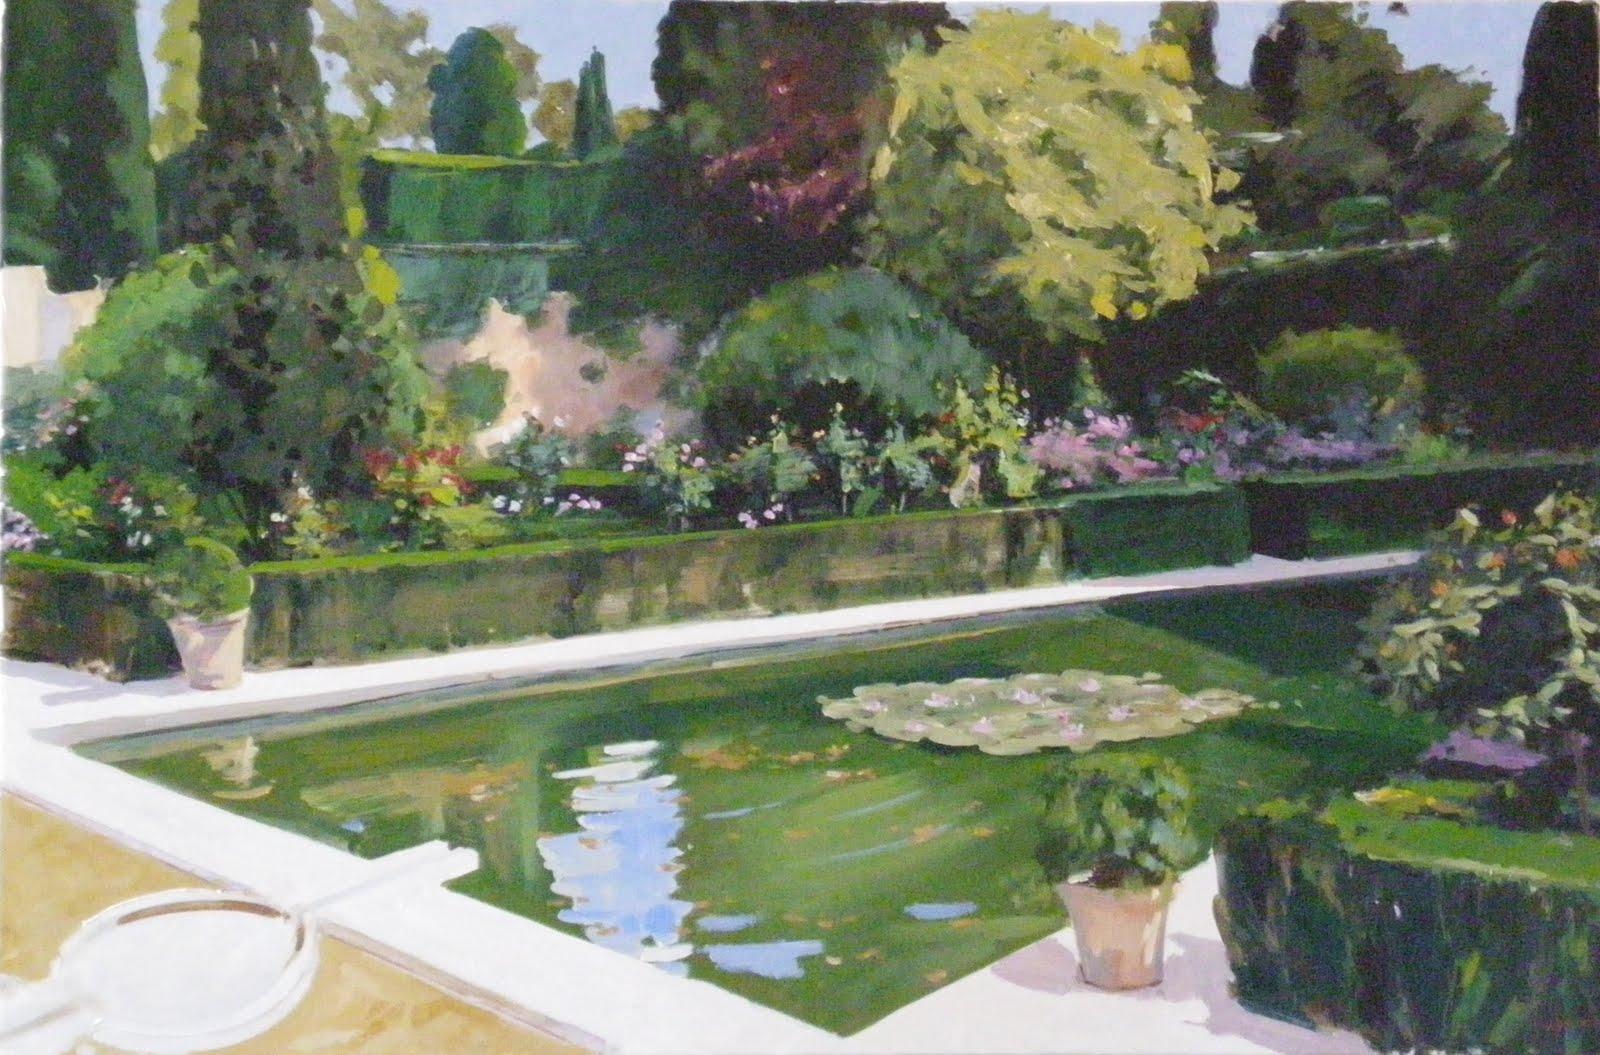 Pintor de la luz jardines generalife for Jardines generalife